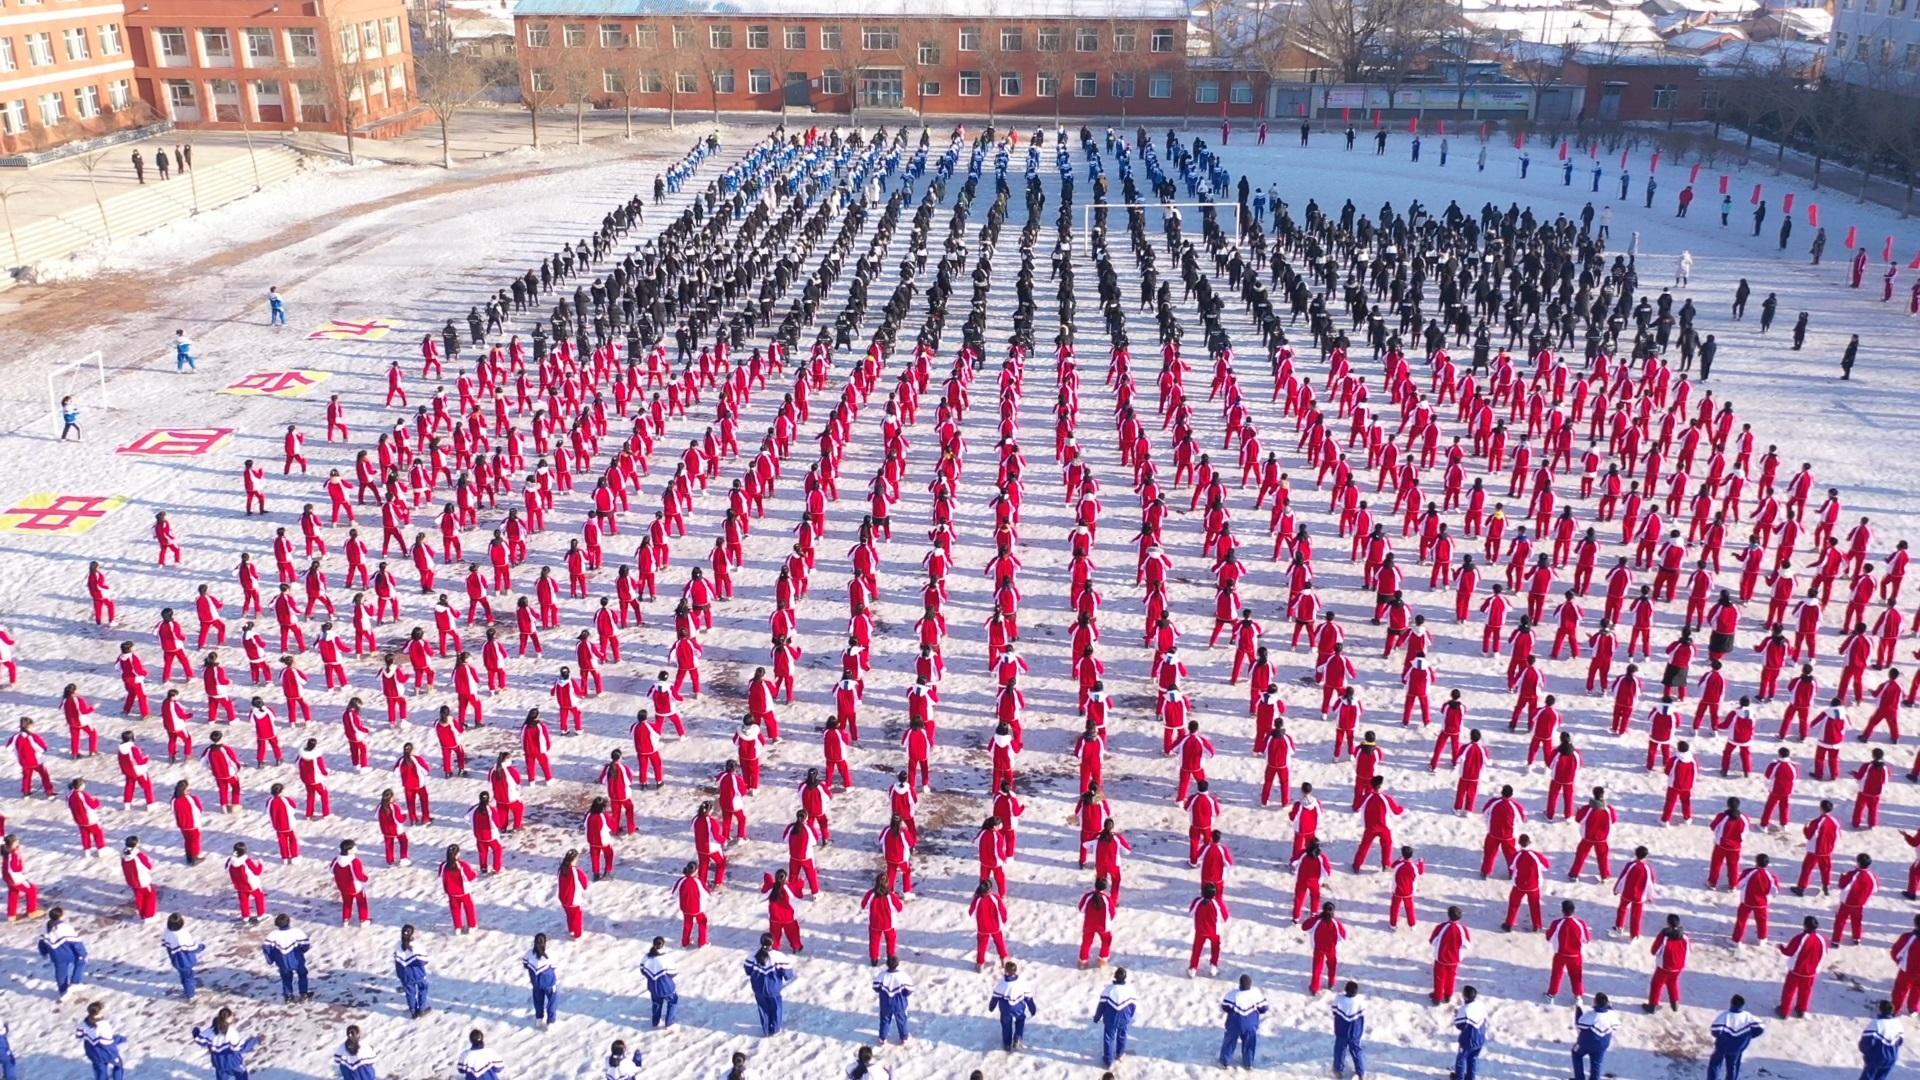 """换个视角看舞蹈,无人机航拍""""百万学子同跳冰雪健身操"""""""